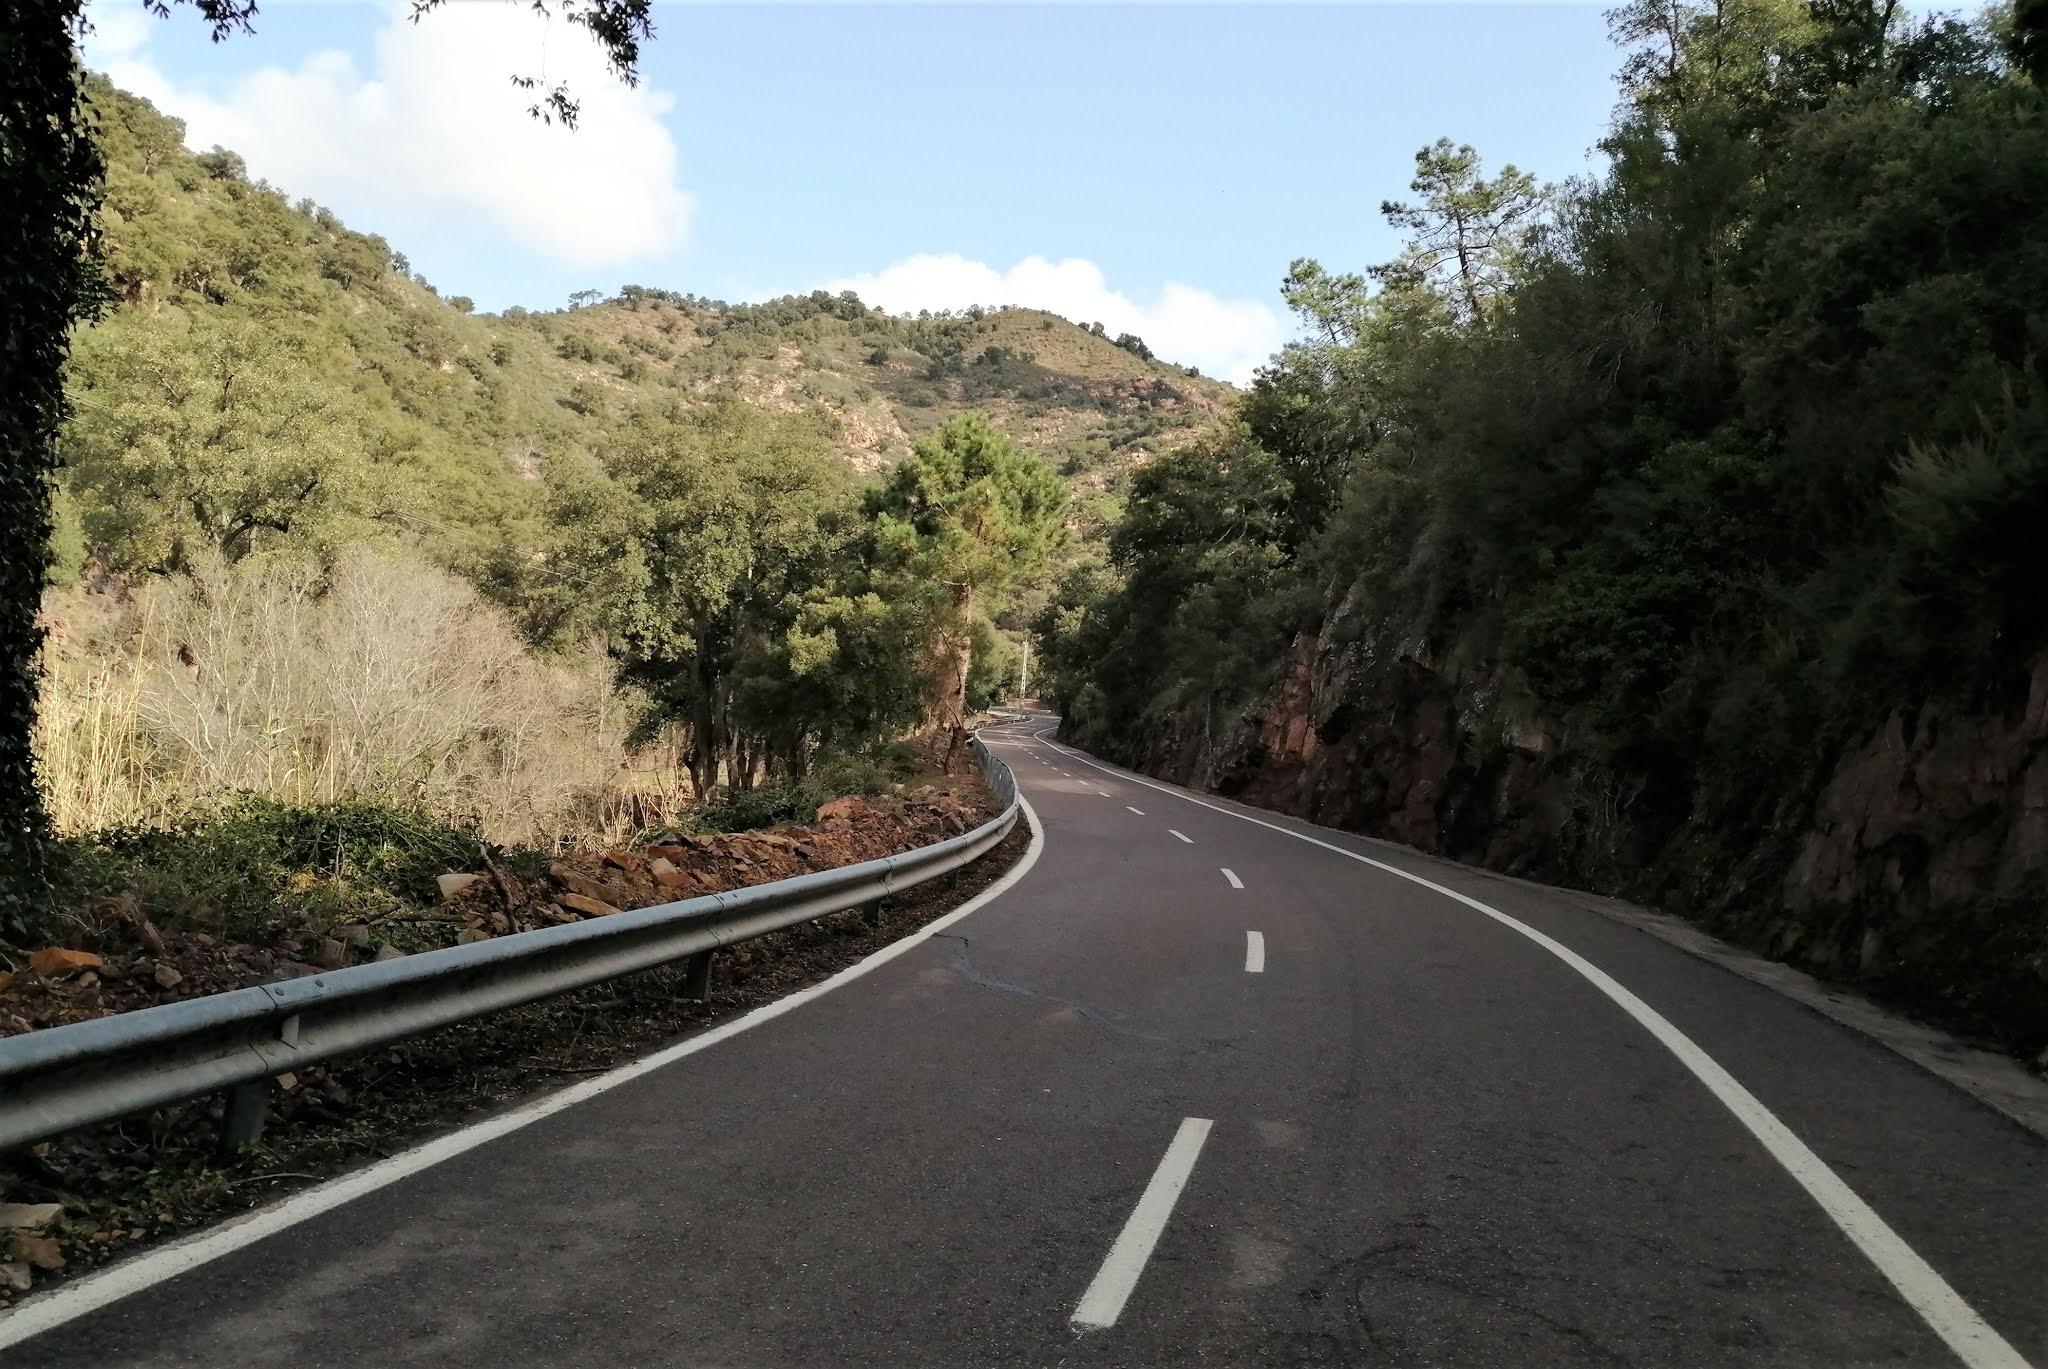 Curves on Port d'Eslida as the road leaves the village of Chóvar